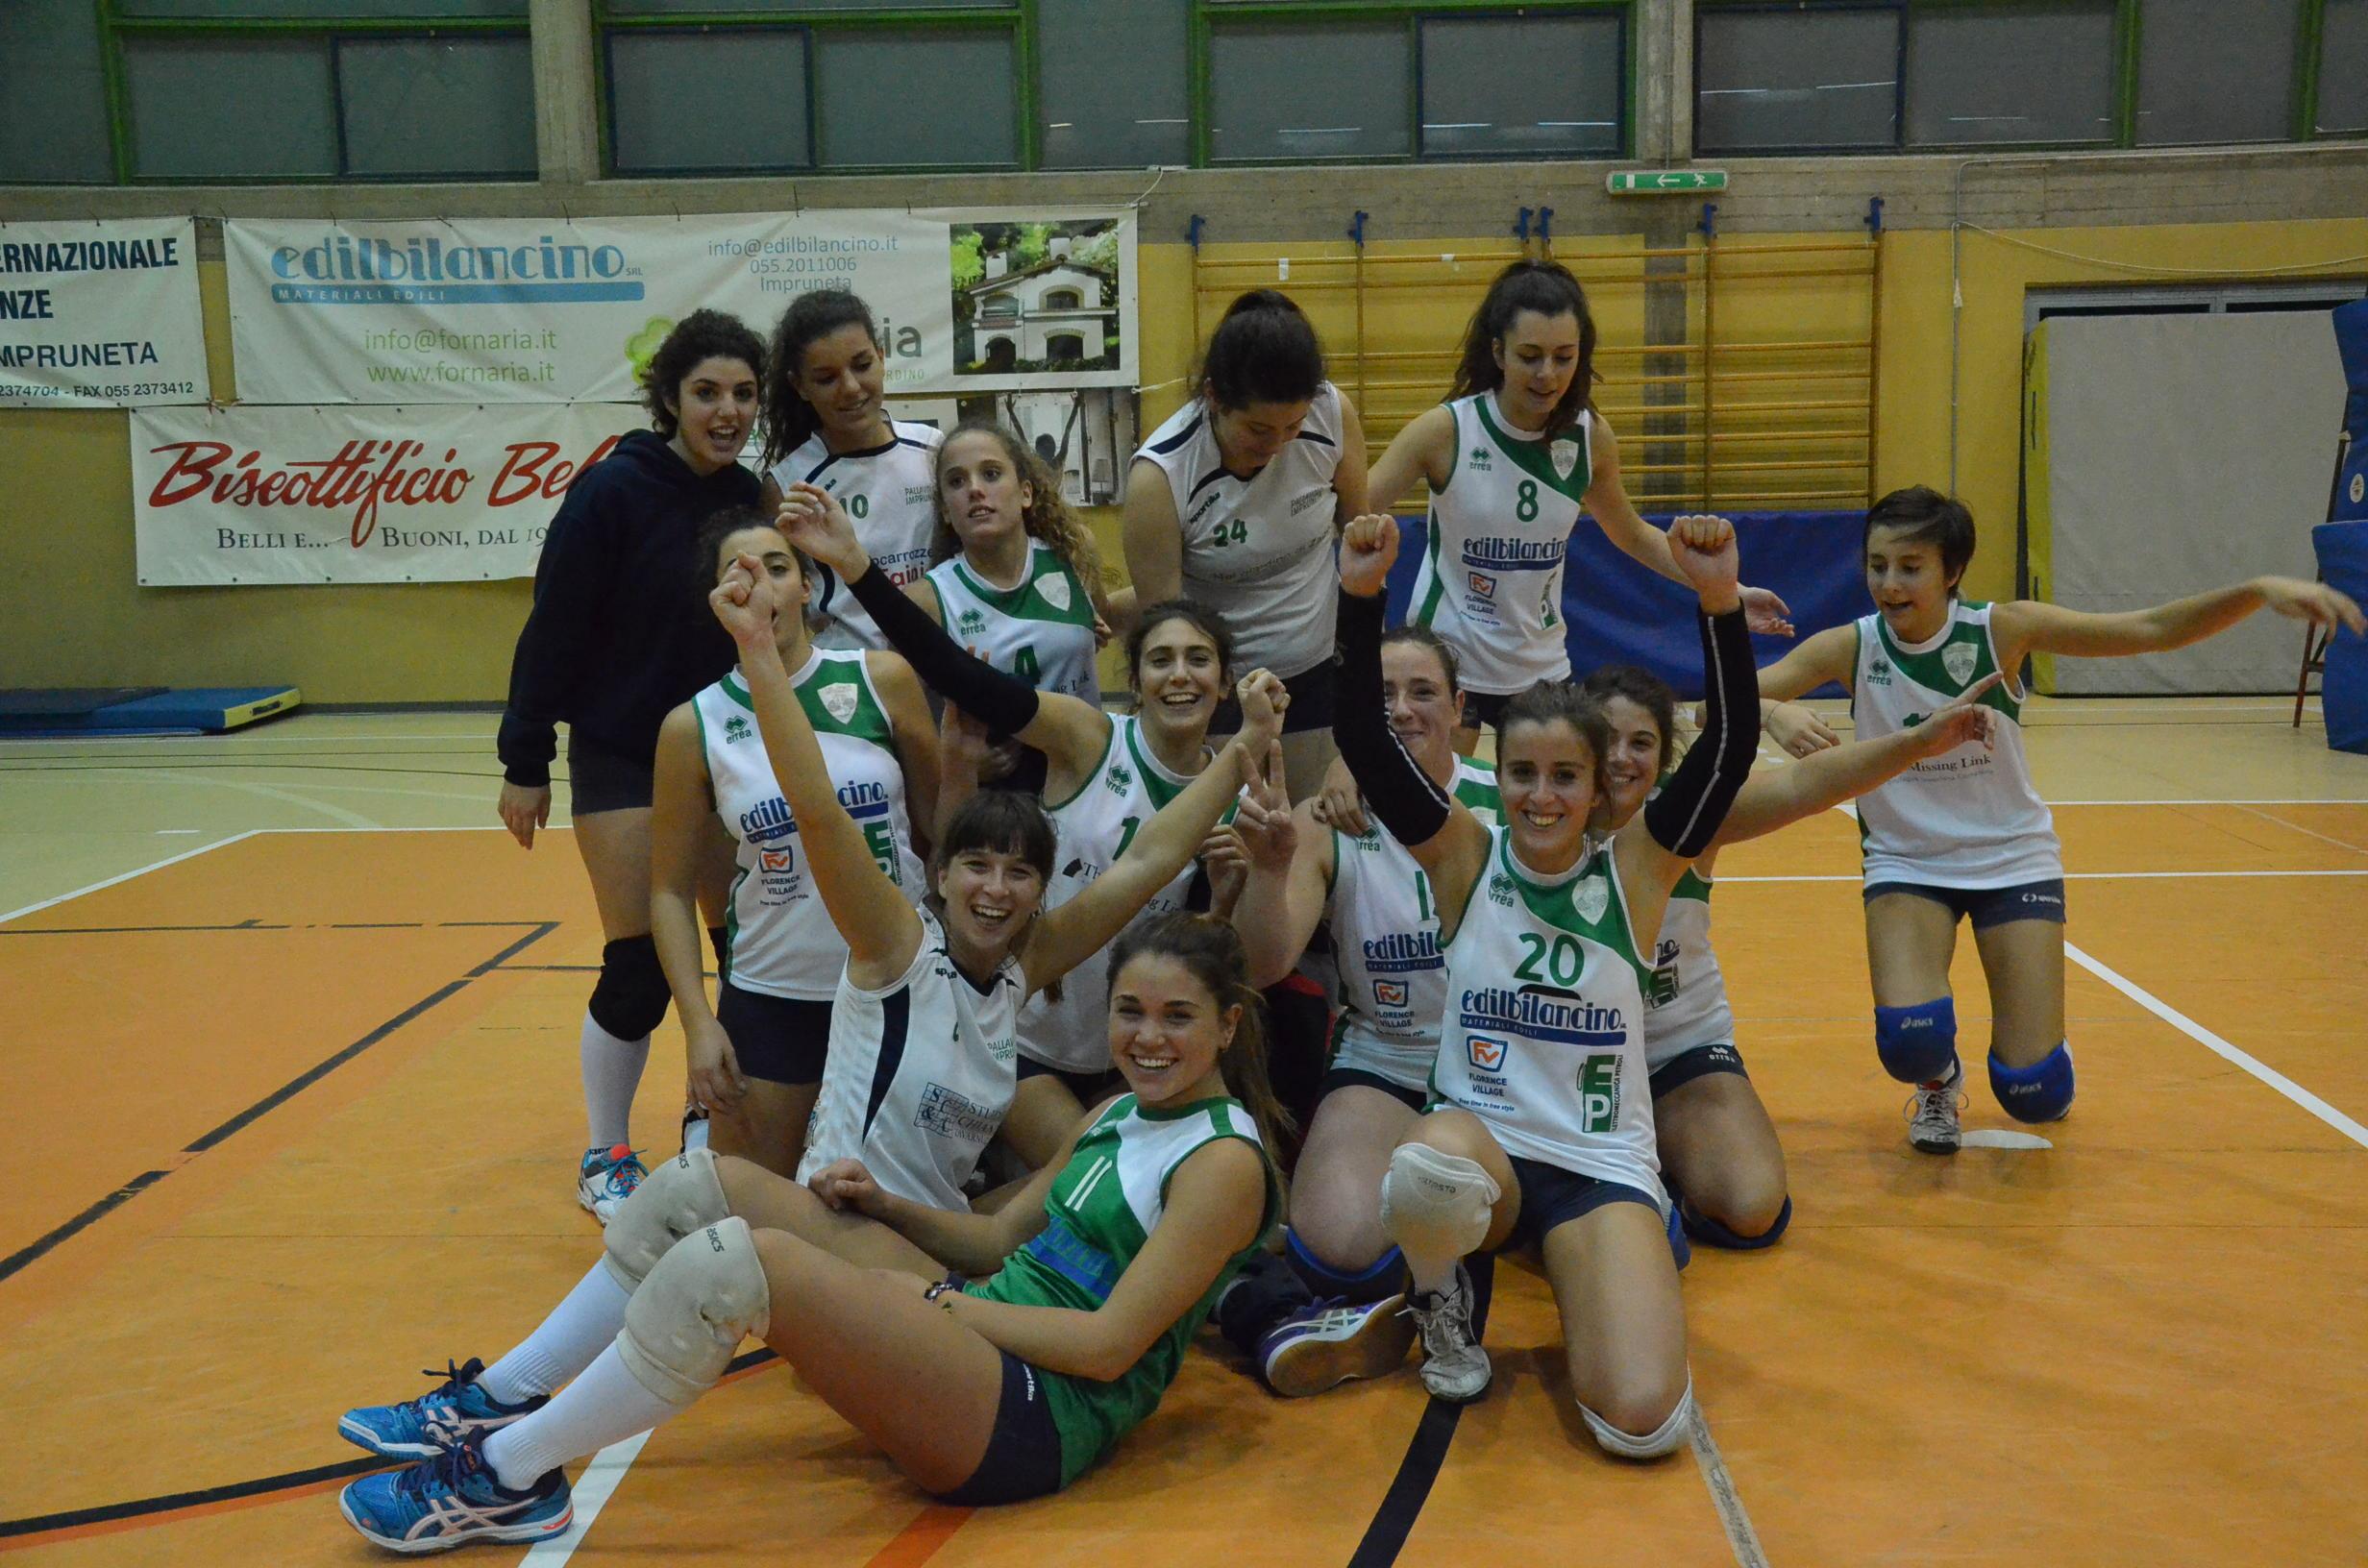 Pallavolo Femminile Bagno A Ripoli : Volley femminile riprendono gli allenamenti ecco i gironi delle